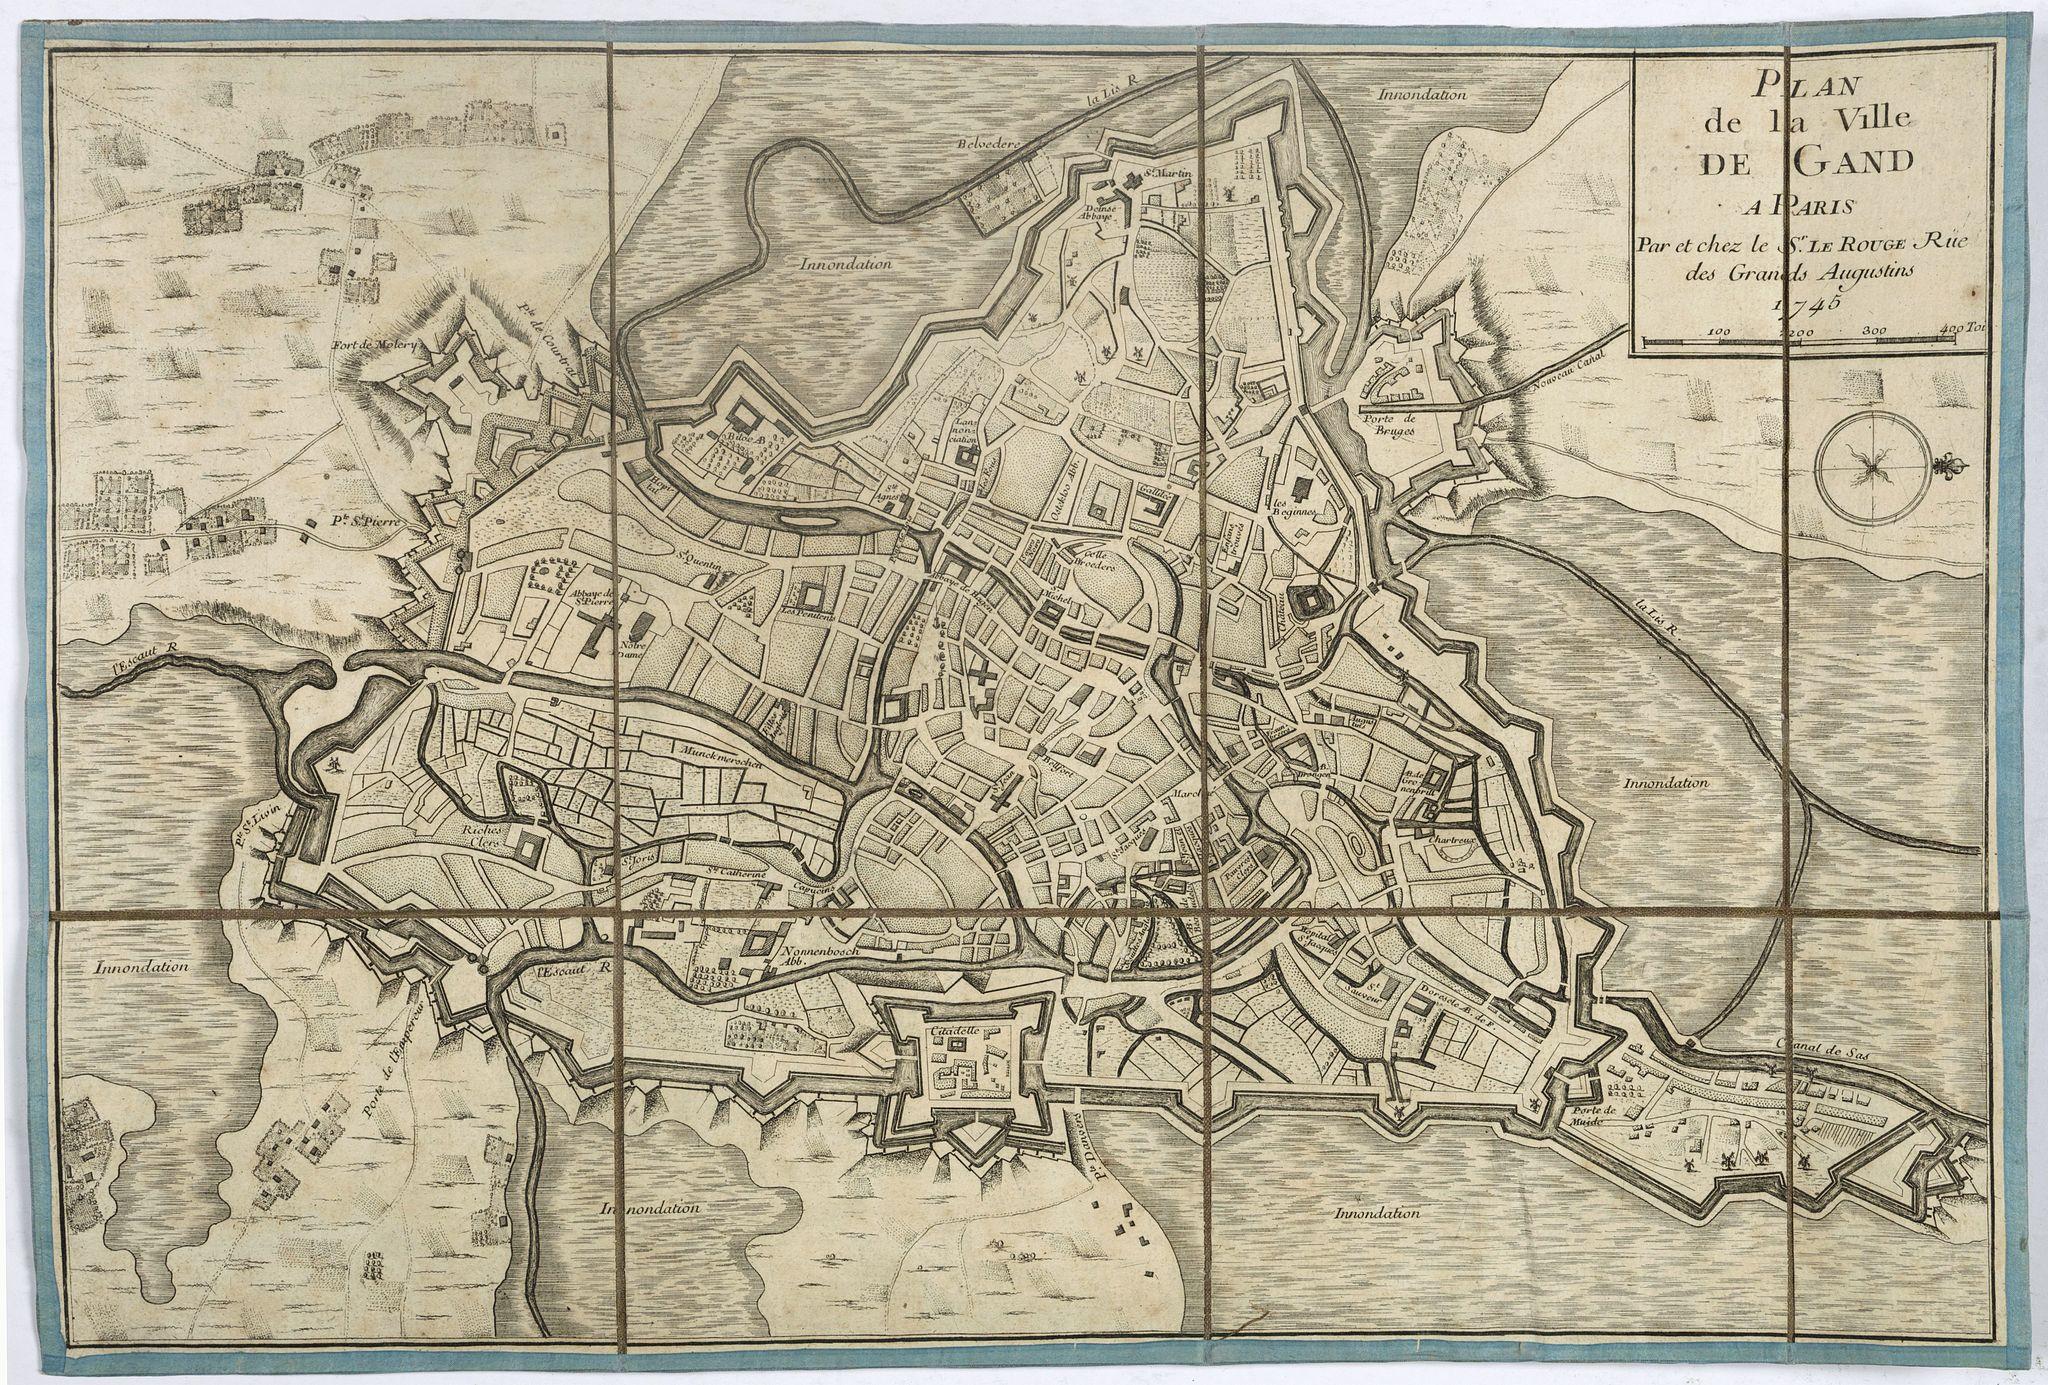 LE ROUGE, G-L. -  Plan de la ville de Gand. Paris, Sr. Le Rouge, 1745.